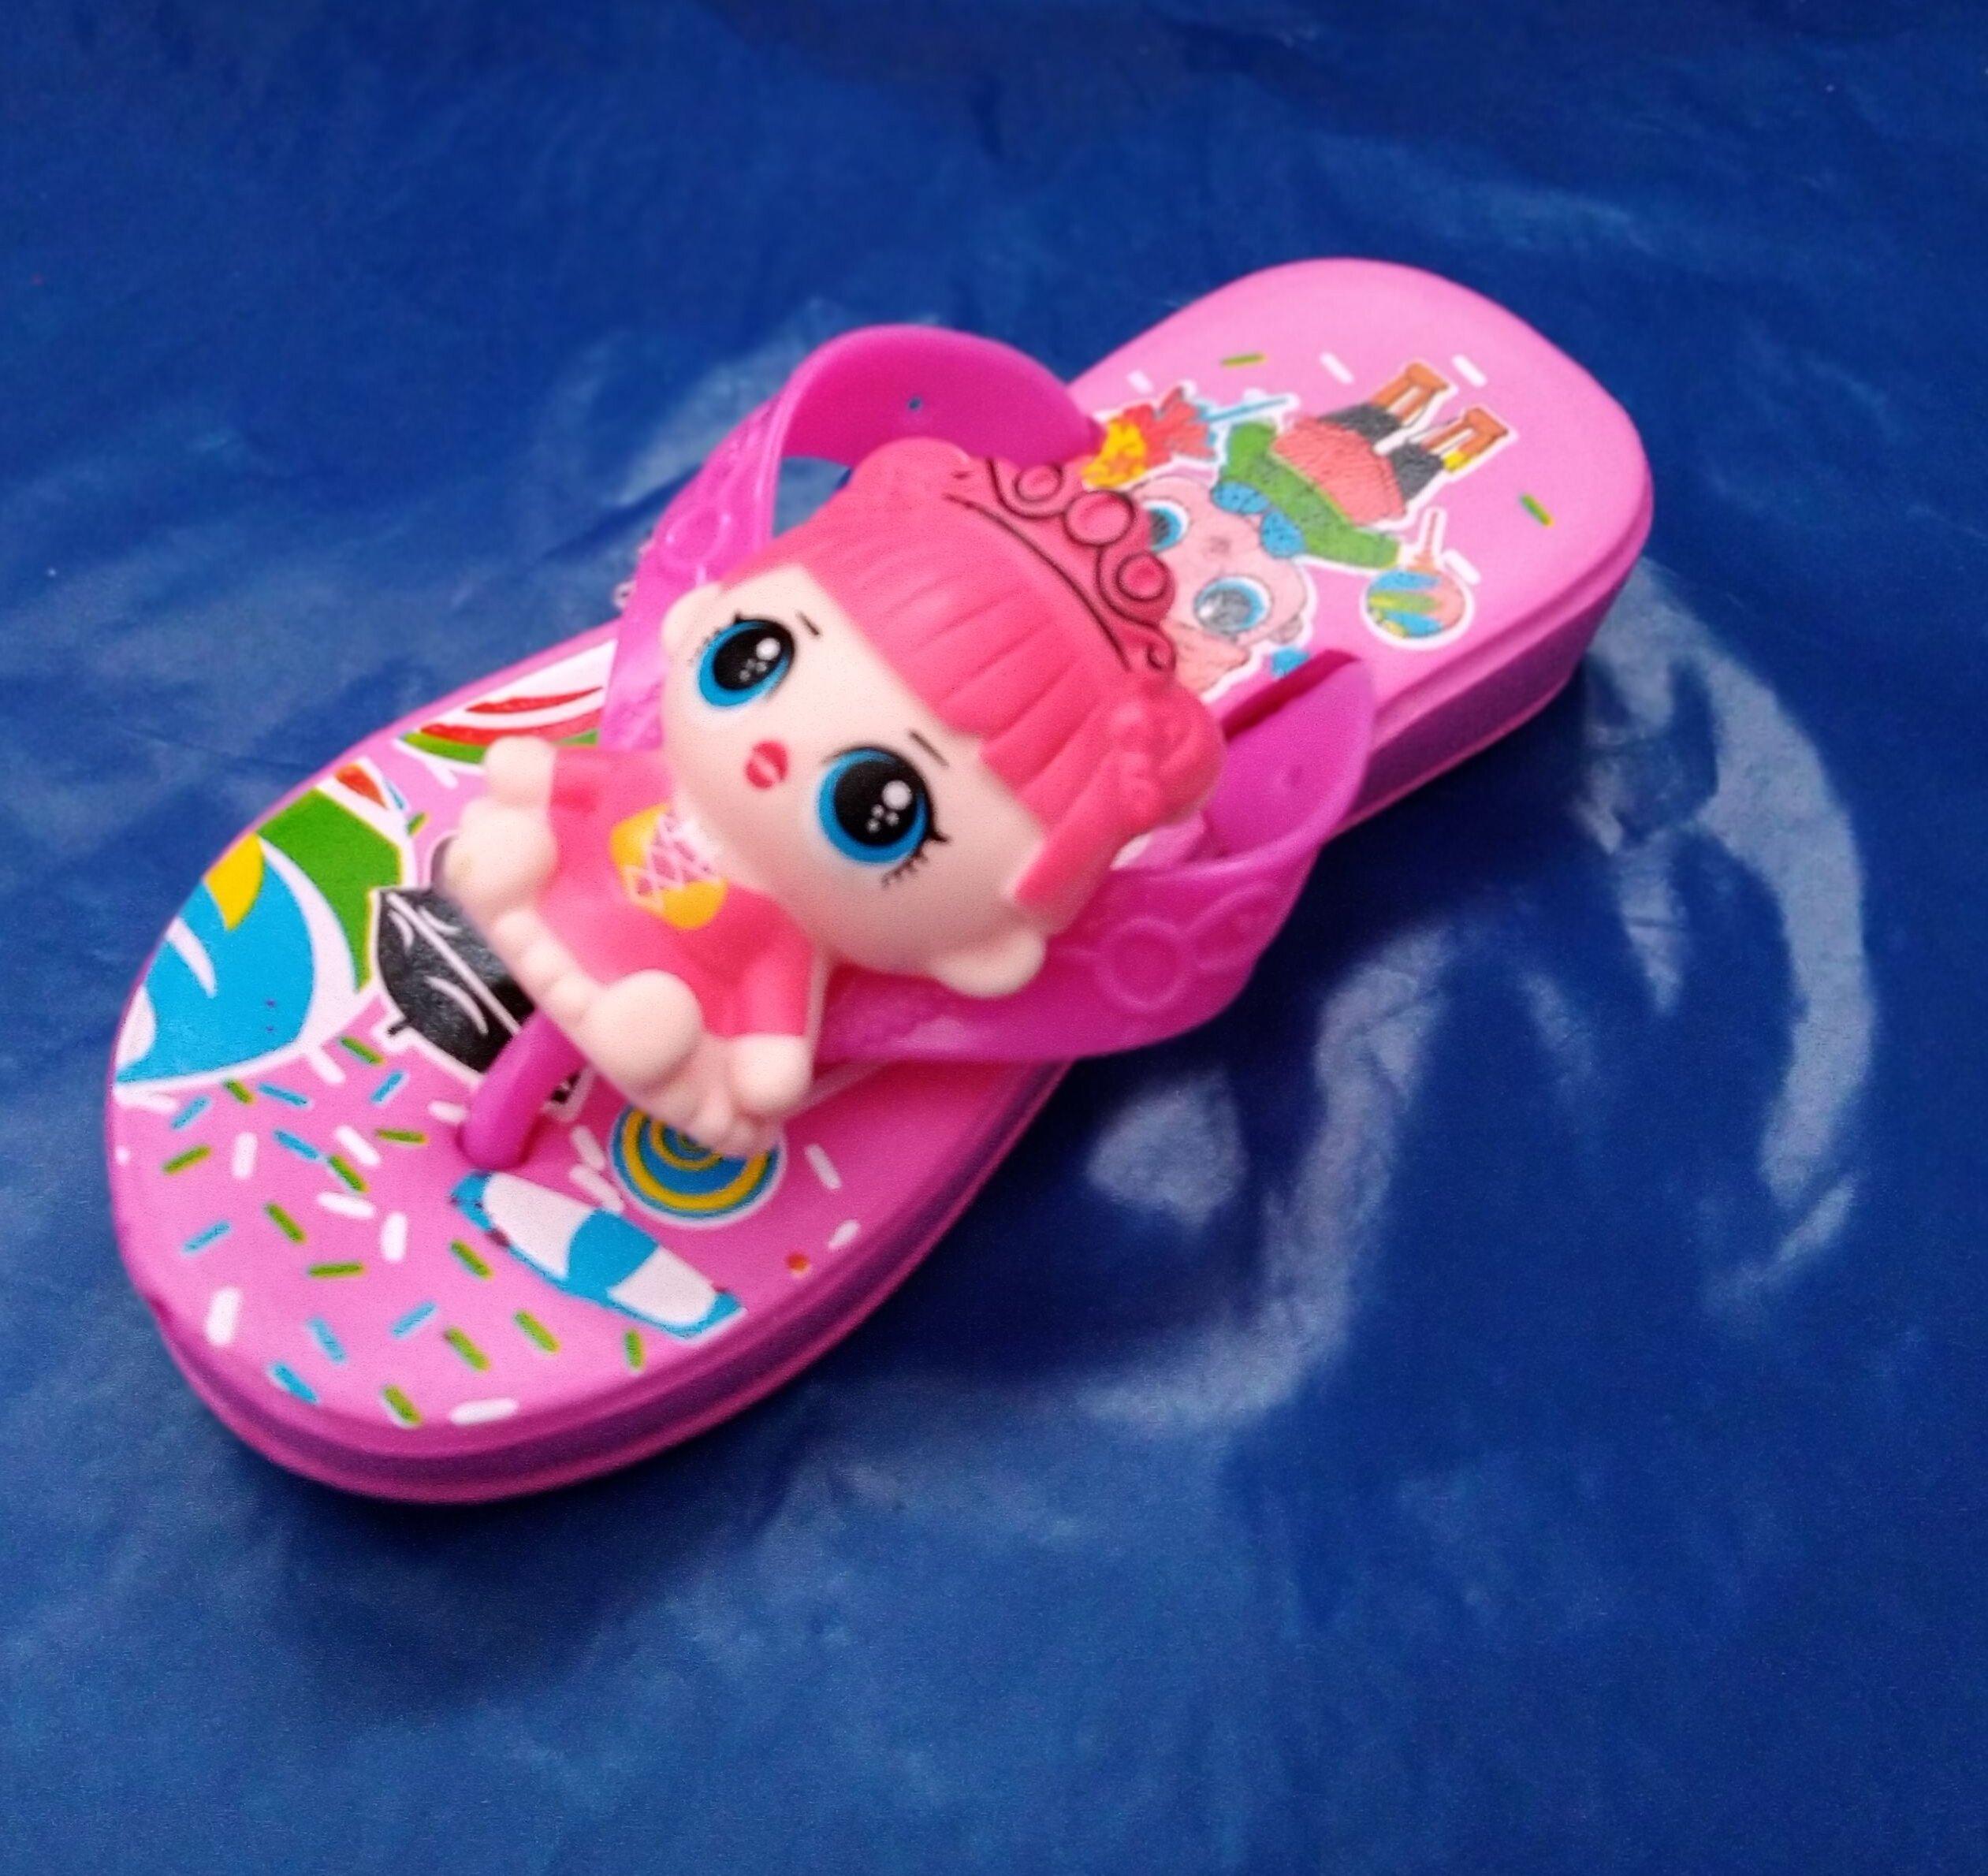 Sandal anak perempuan cewek Boneka LOL karakter animasi kartun lucu